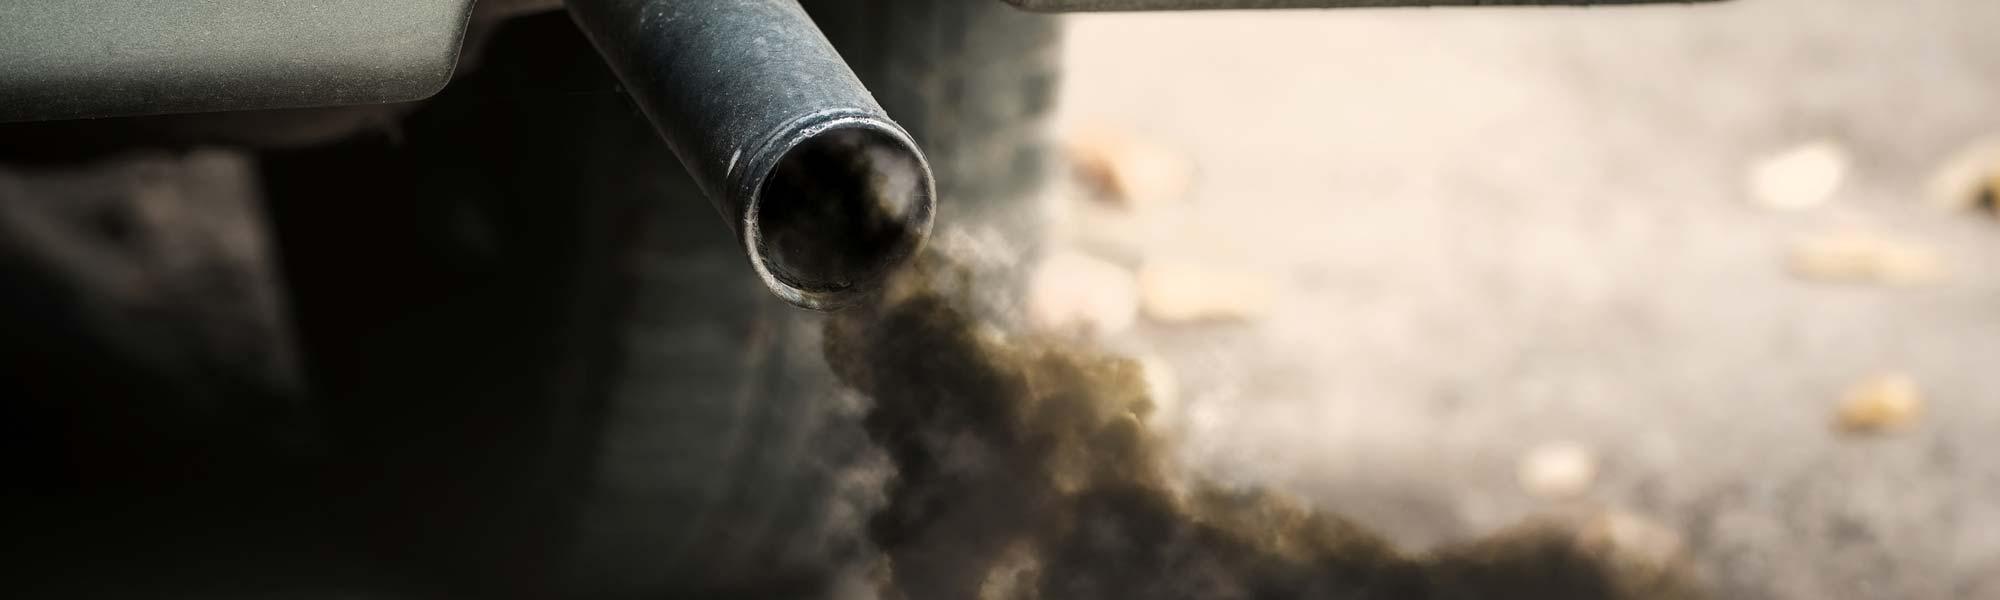 GM Diesel Emissions